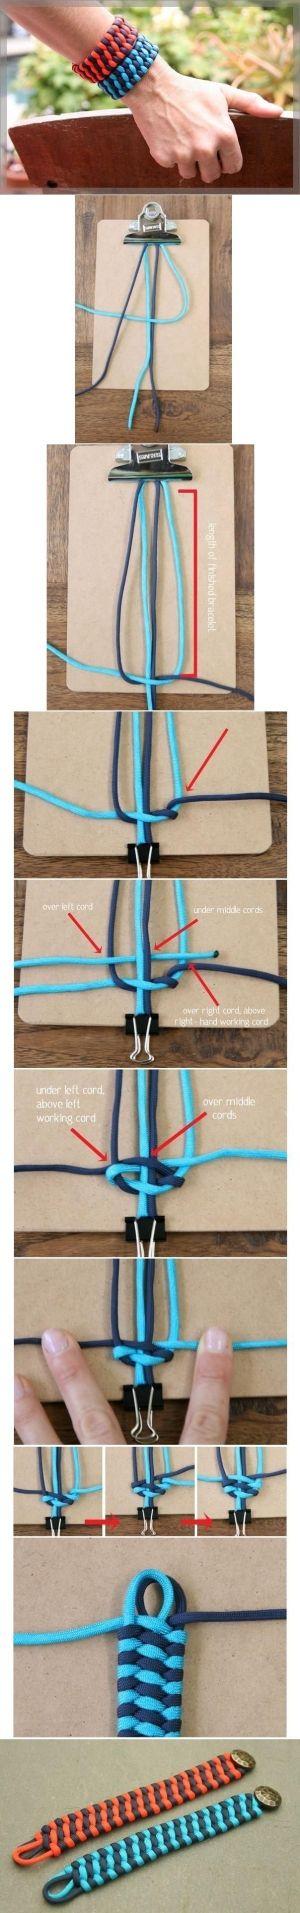 DIY Unique Weave Bracelet by penpen